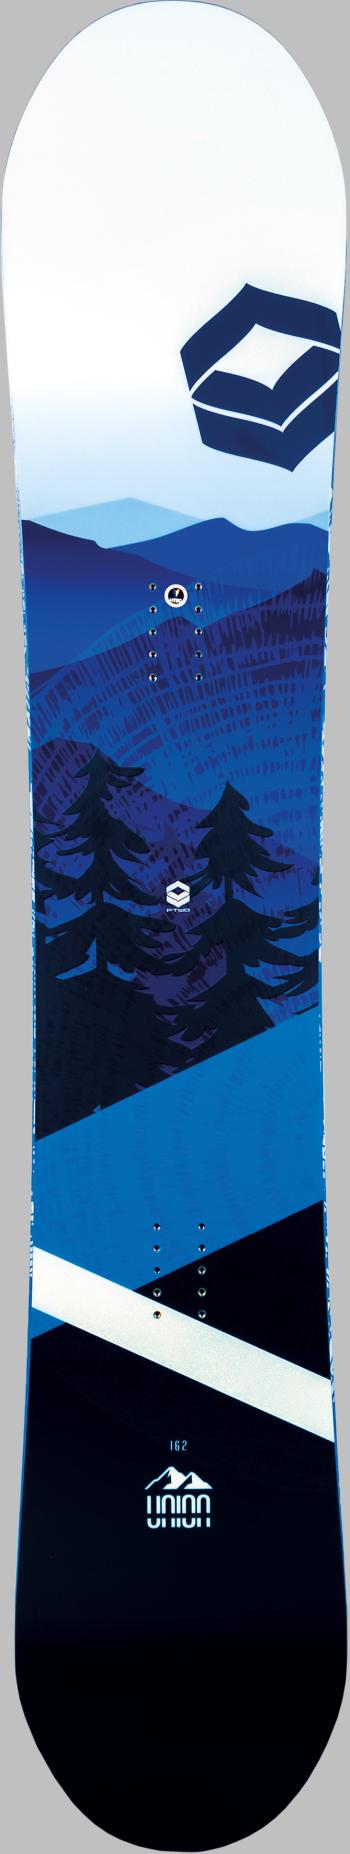 Union blue - Top